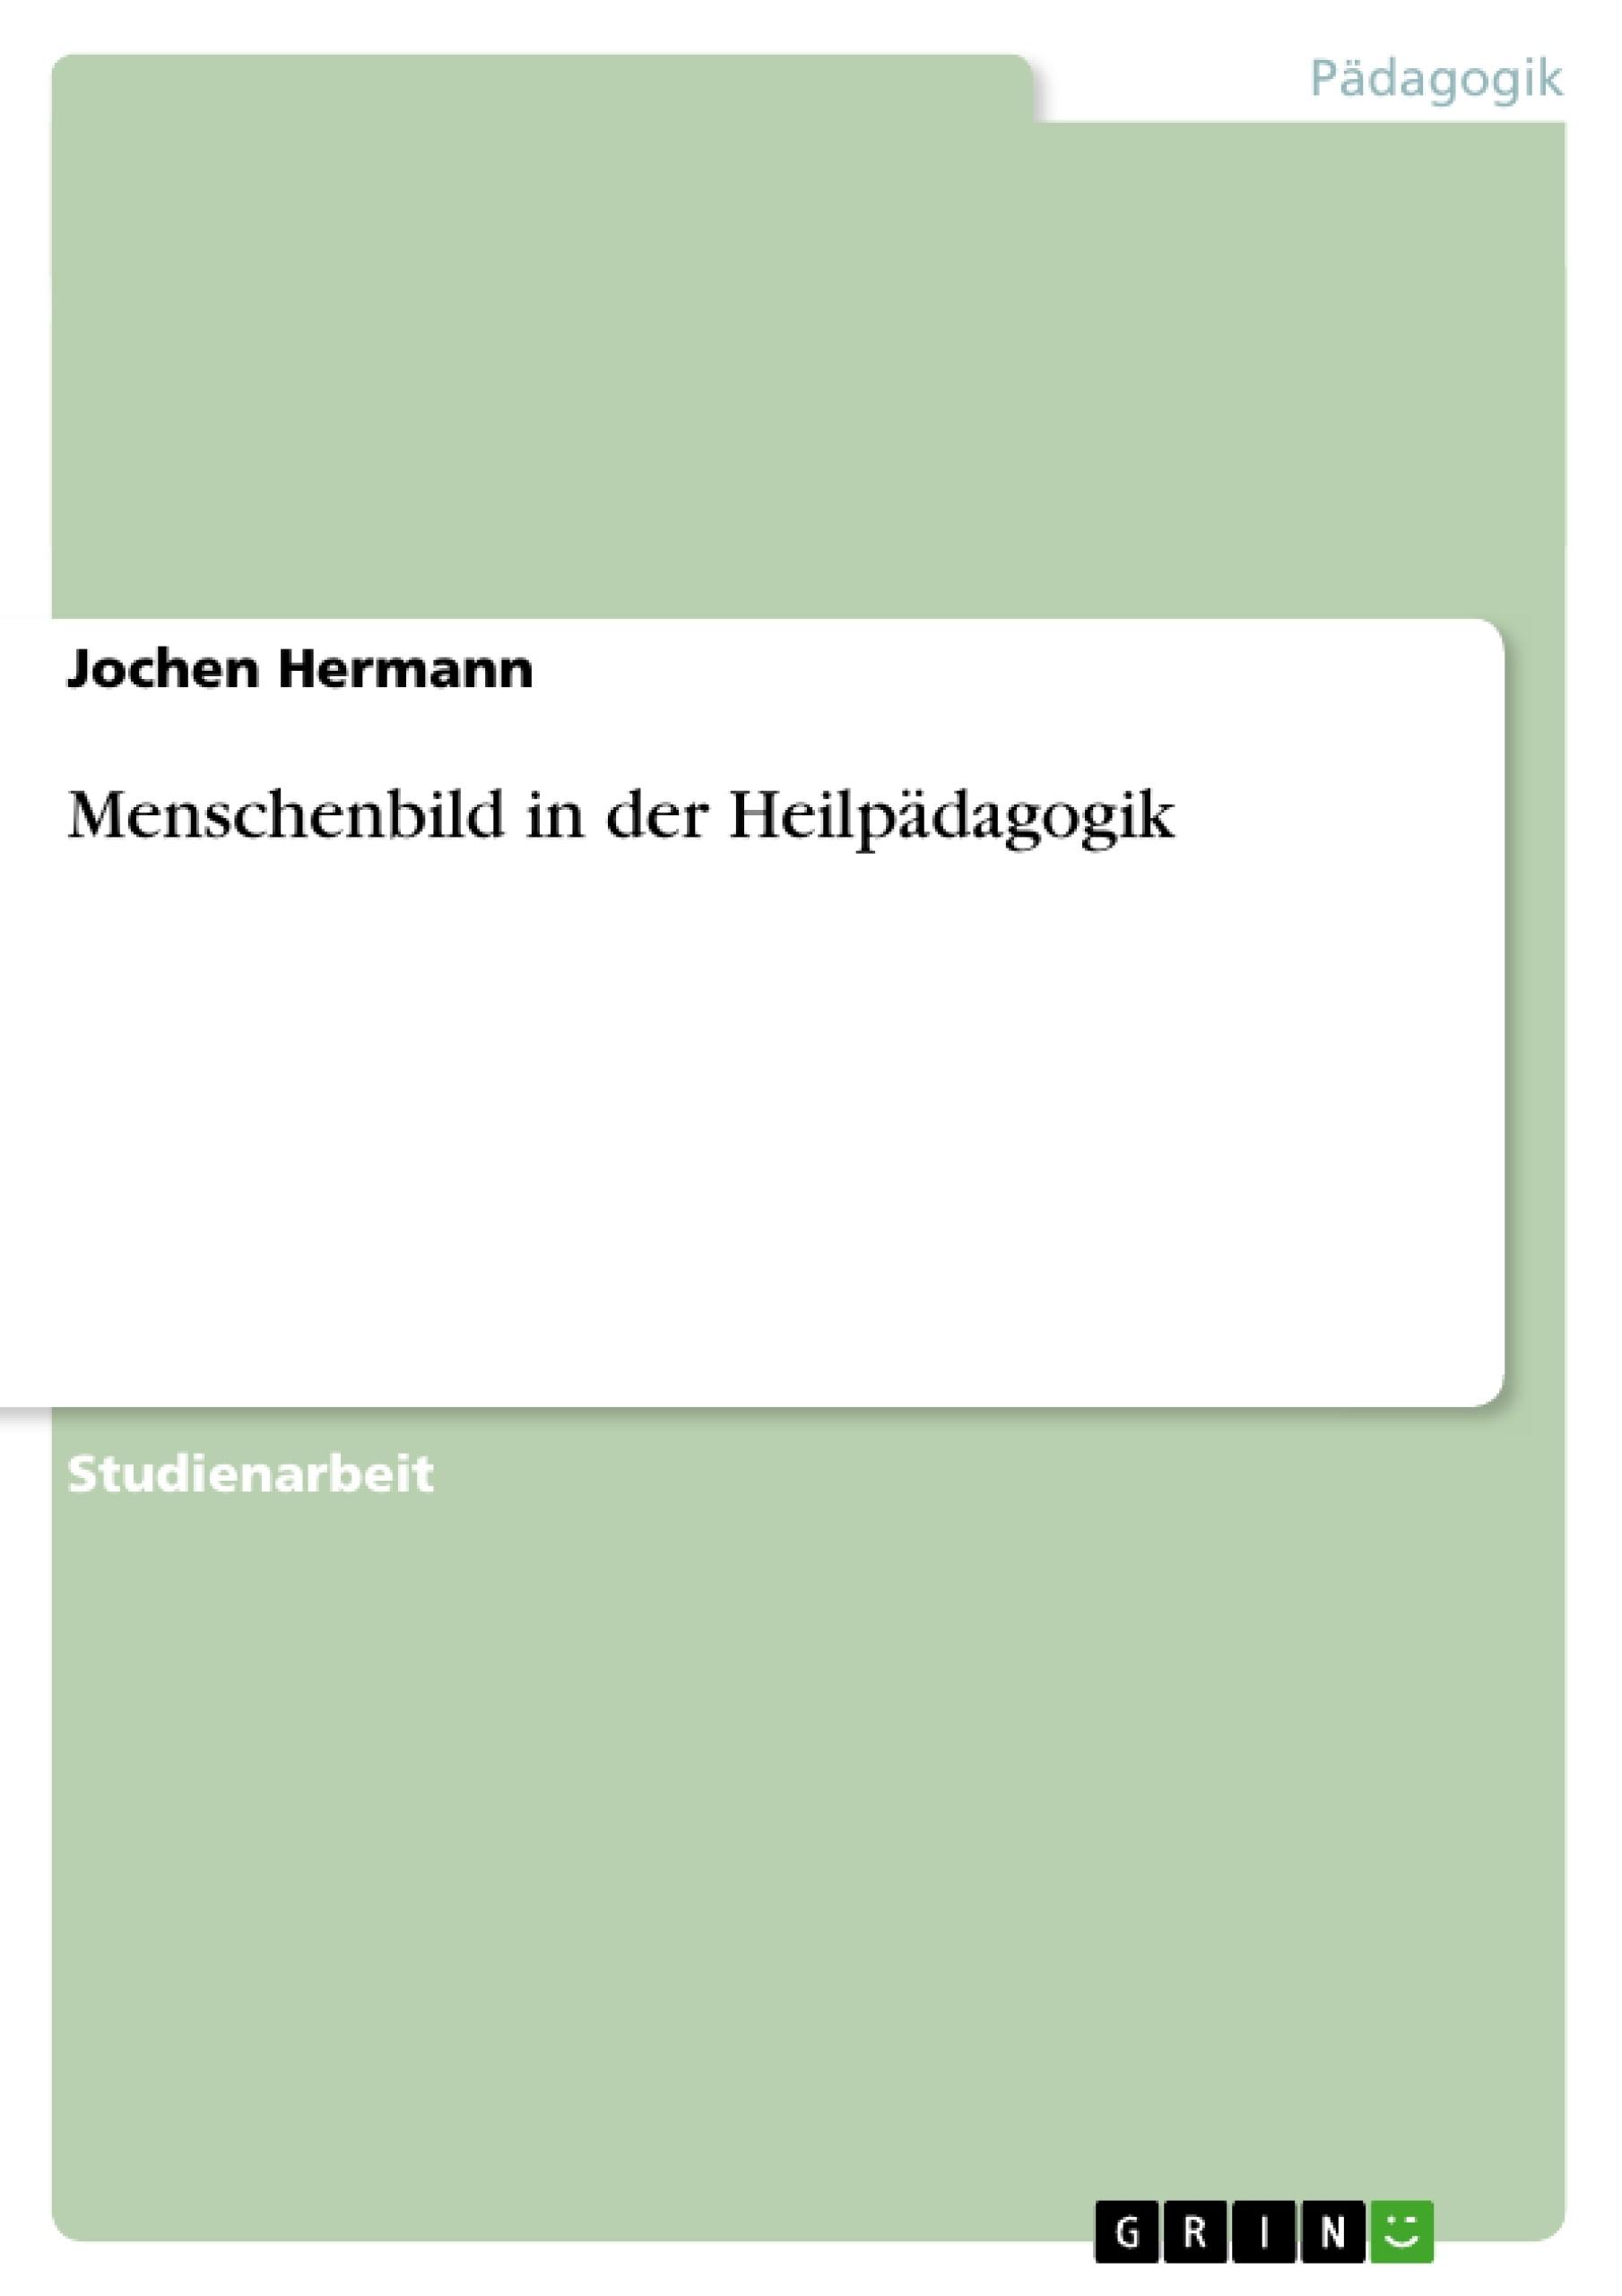 Titel: Menschenbild in der Heilpädagogik